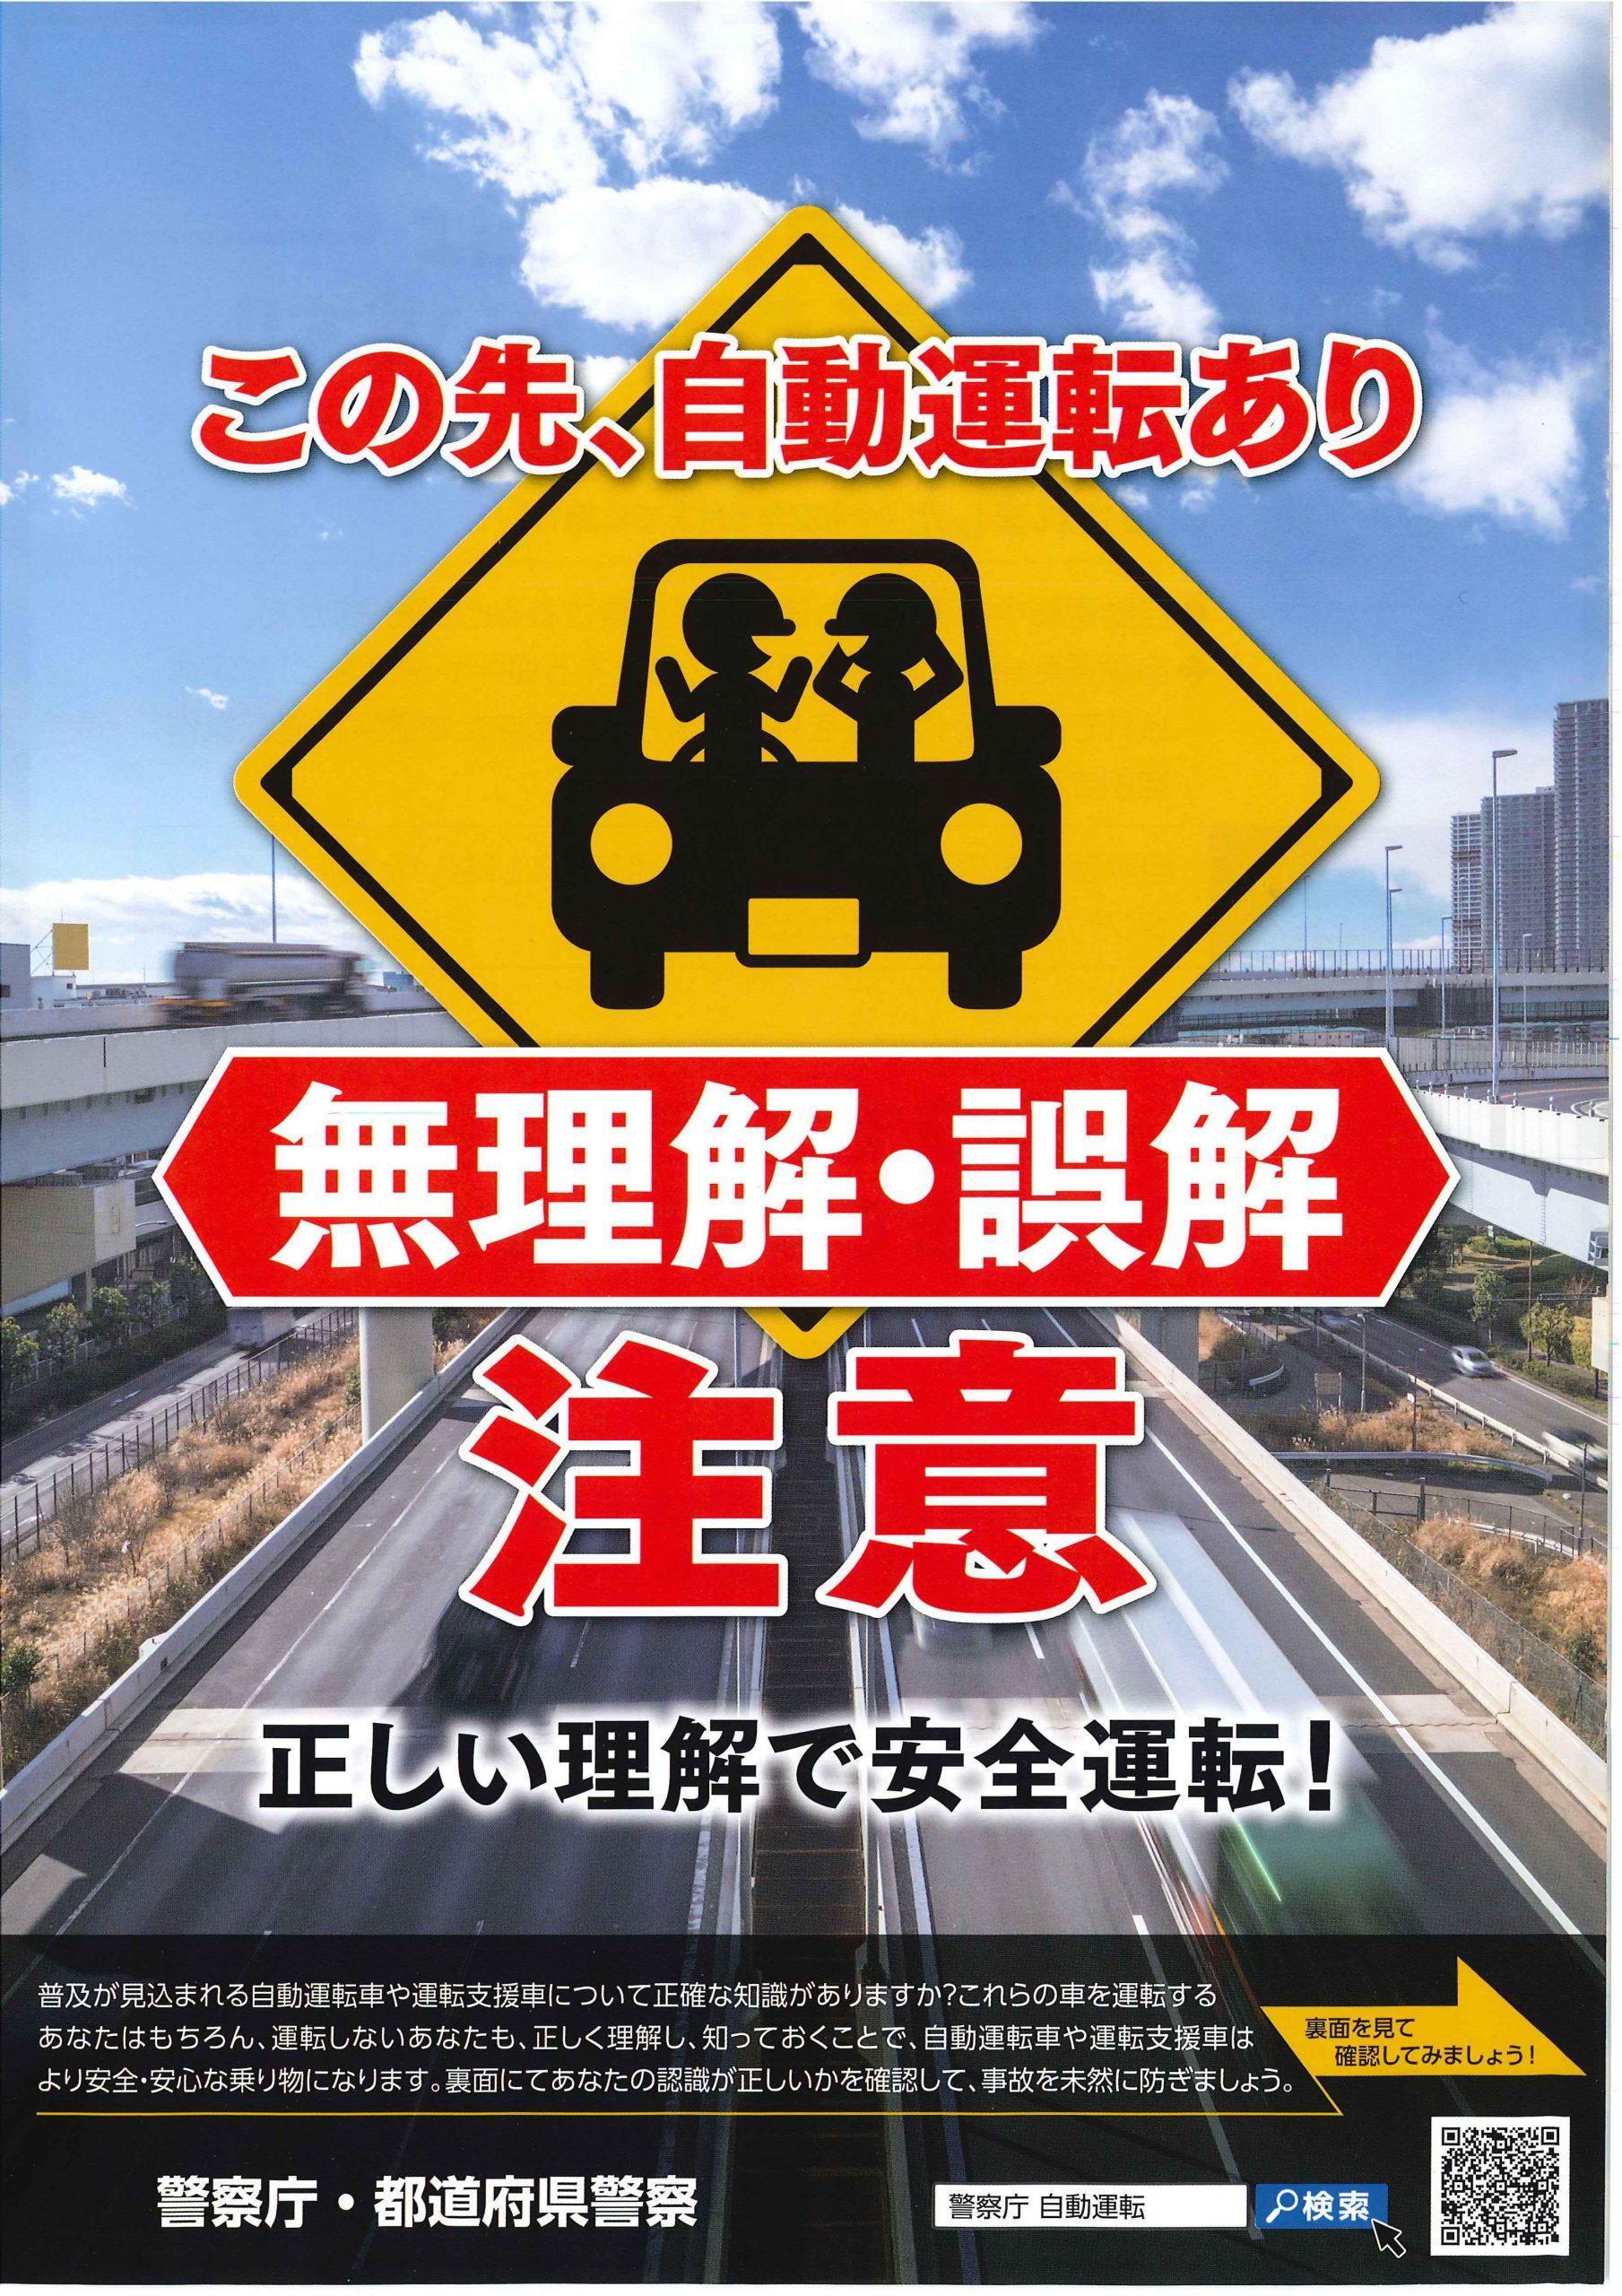 自動運転等に関する広報啓発リーフレット(警察庁)R2.4.9_ページ_1